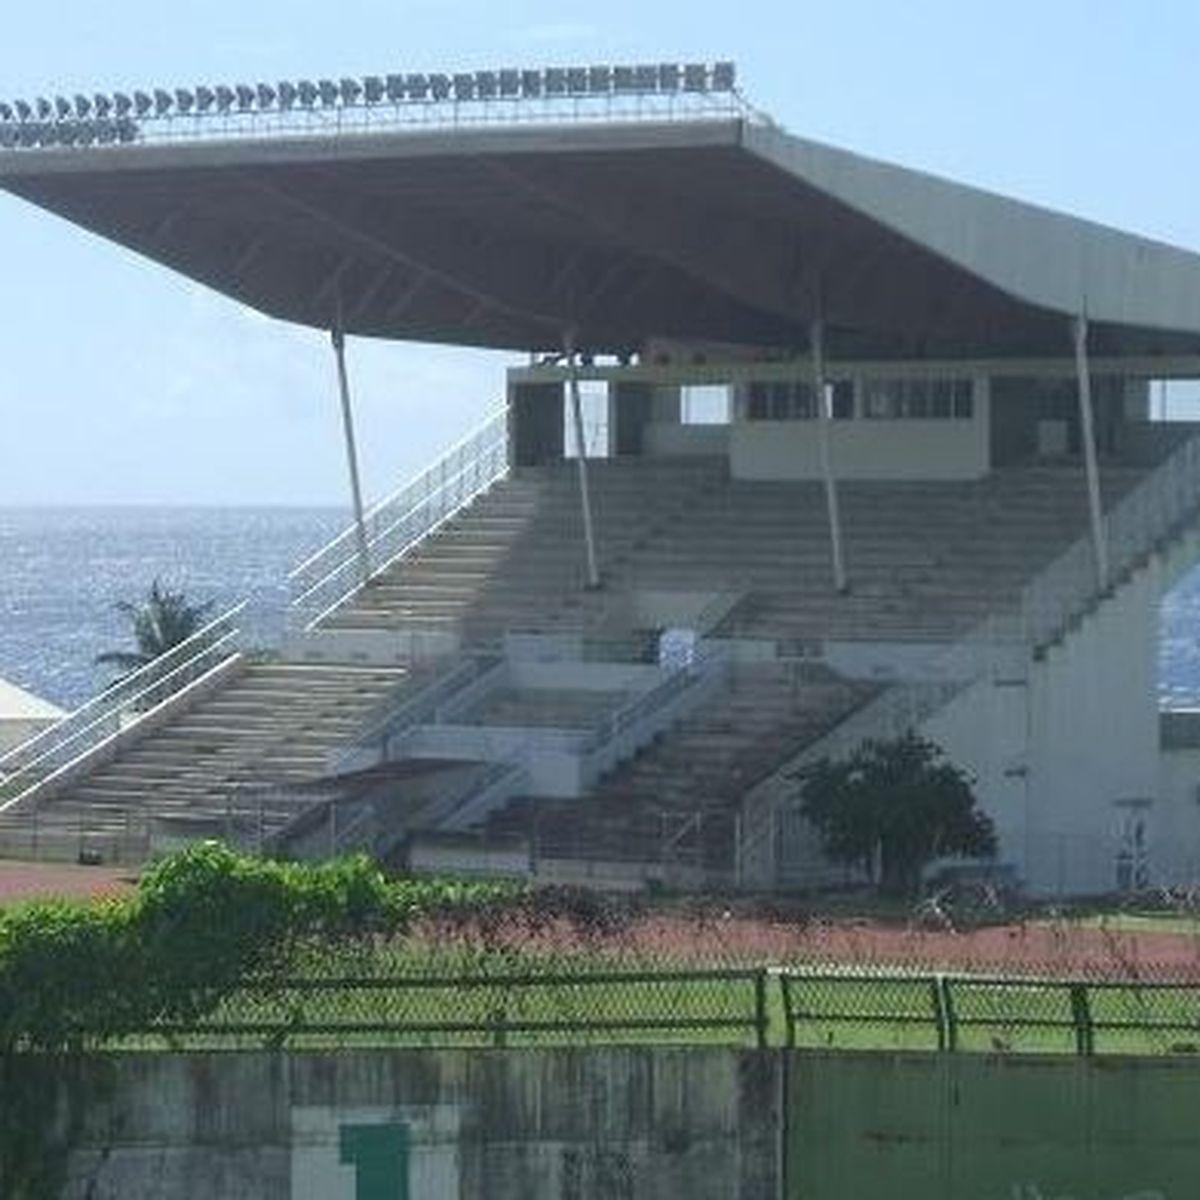 Le stade de Rivière des Pères à Basse-Terre une nouvelle fois fermé